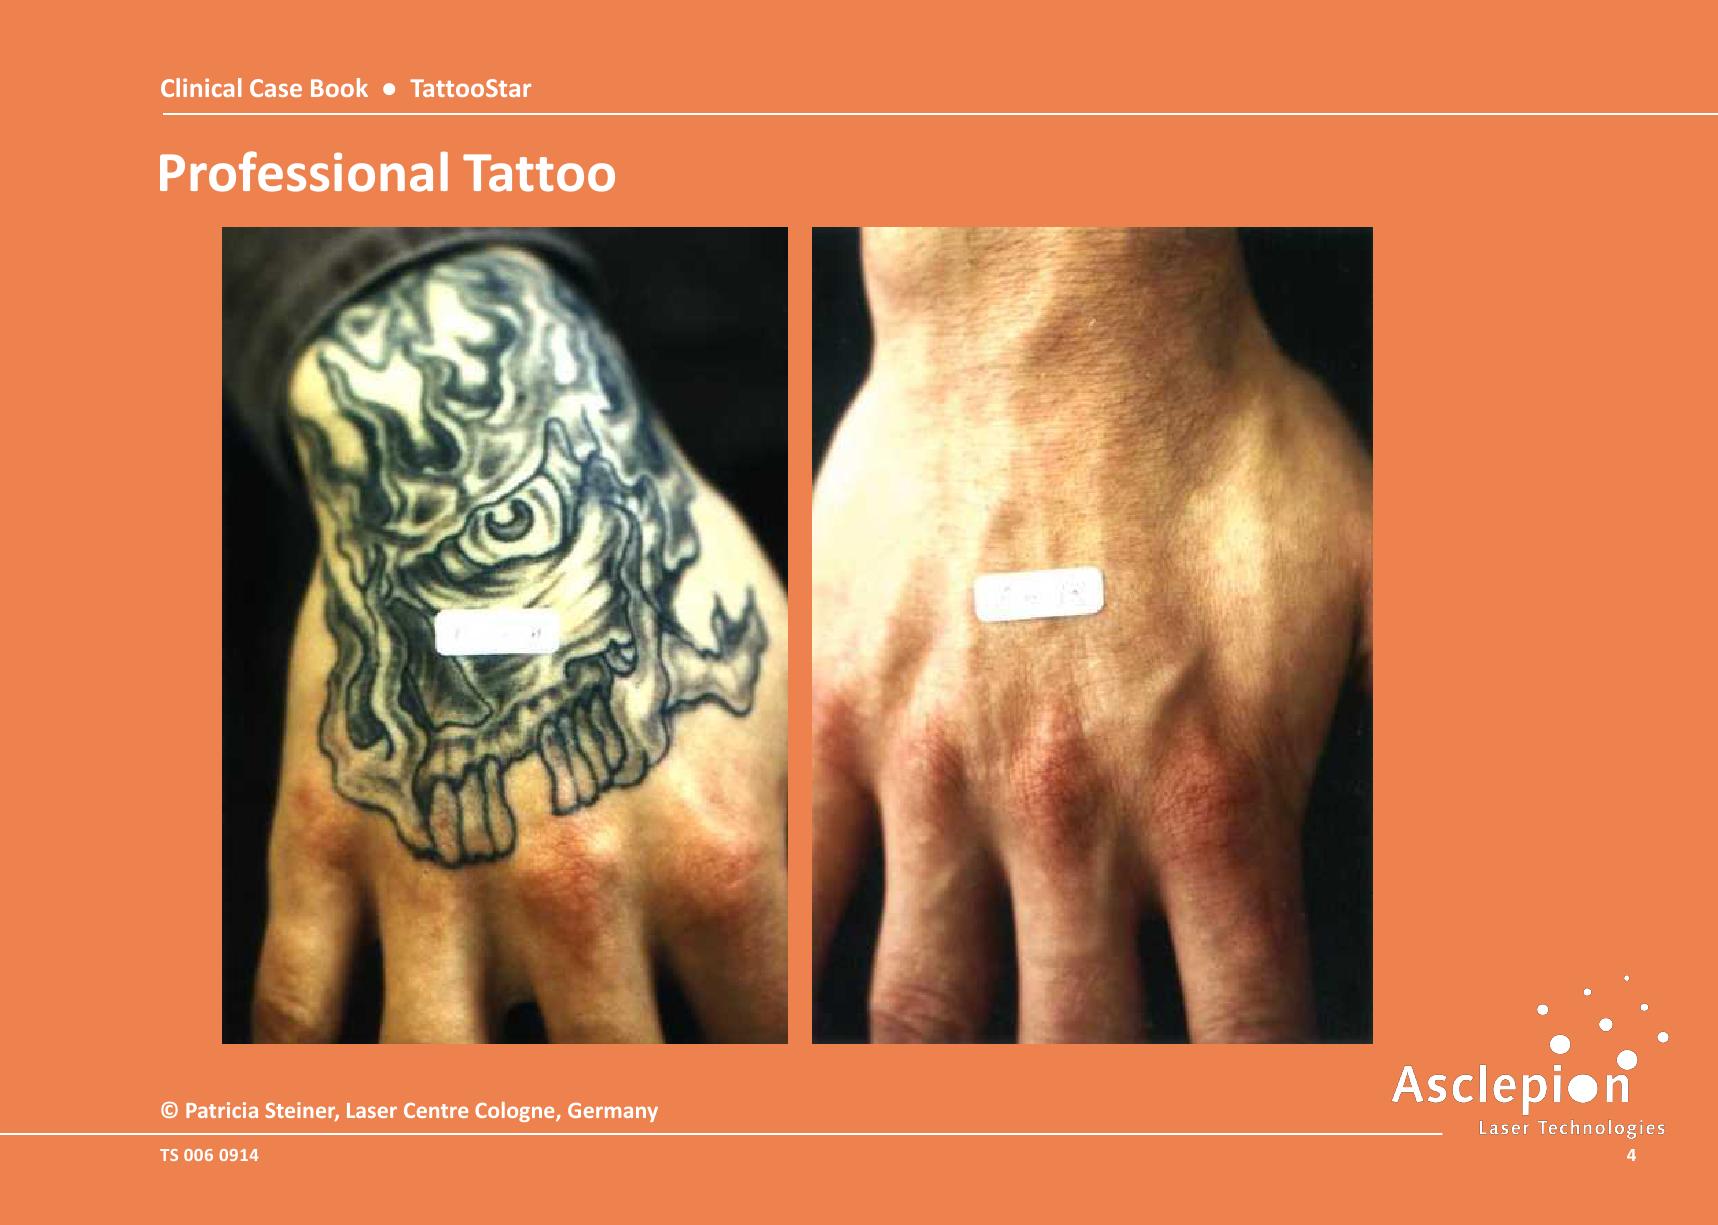 máy tri nám xung vuông tattoostar